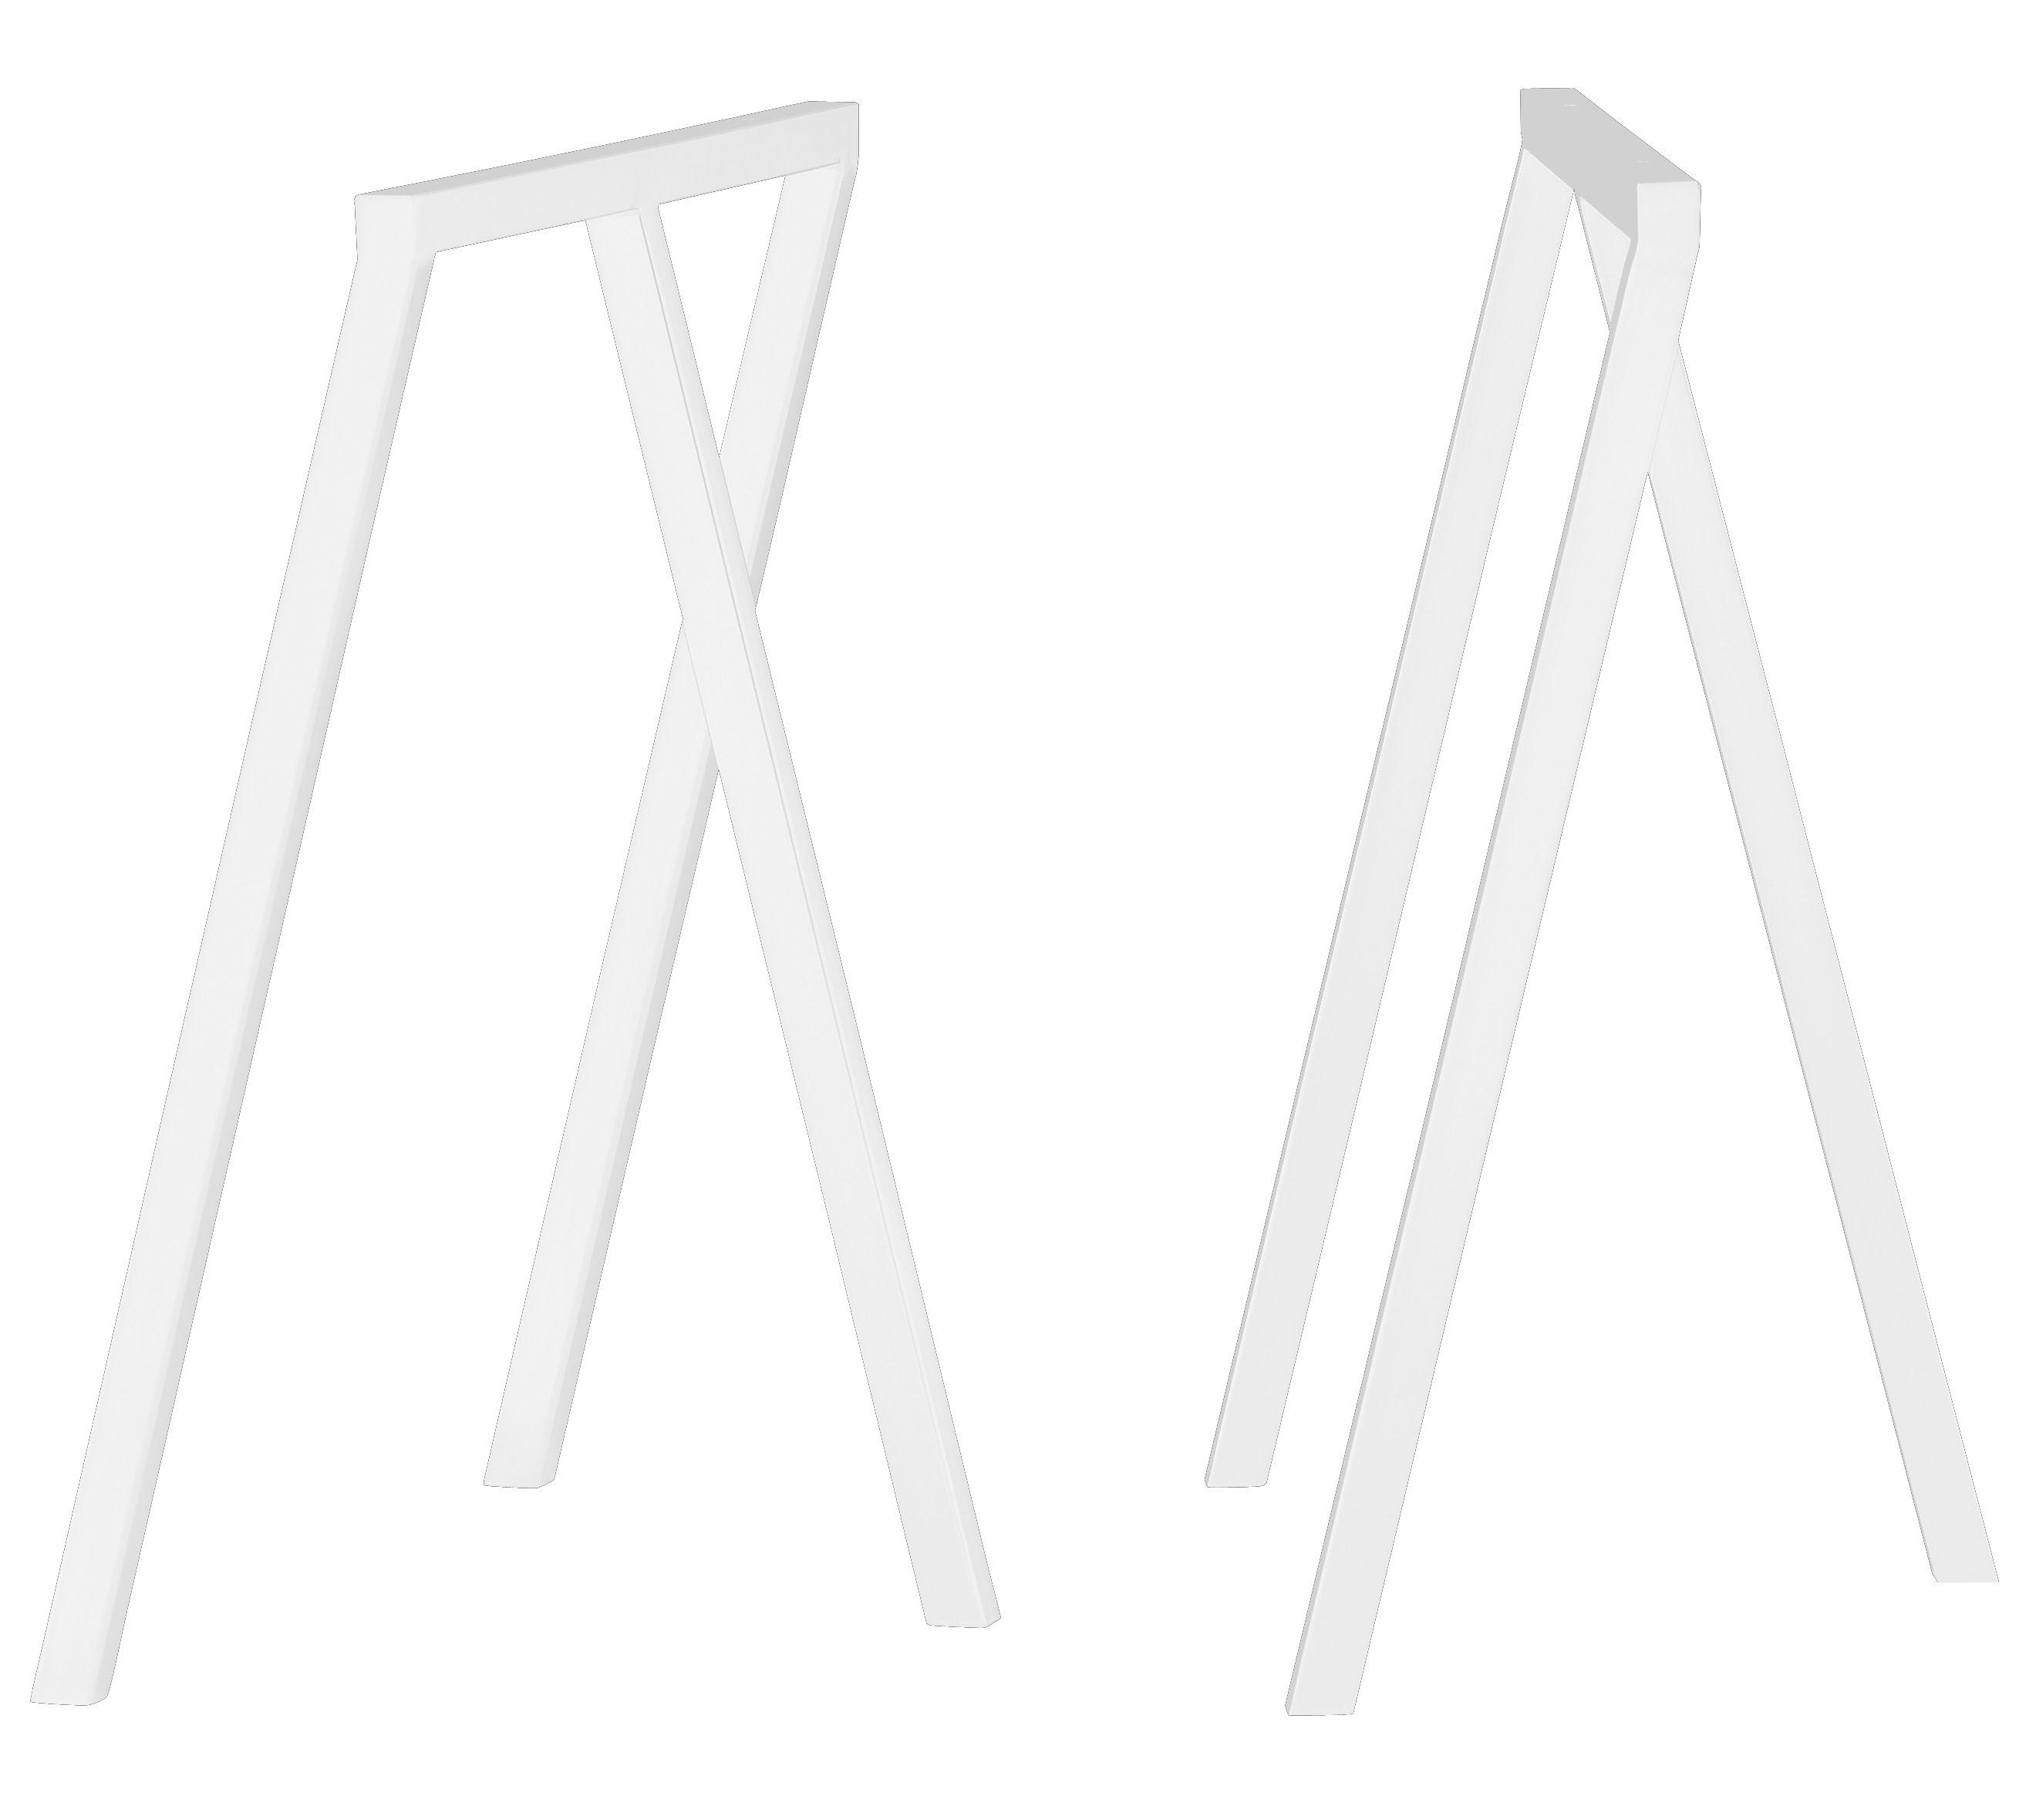 Hay Tischböcke loop böcke hay erhältlich auf madeindesign de